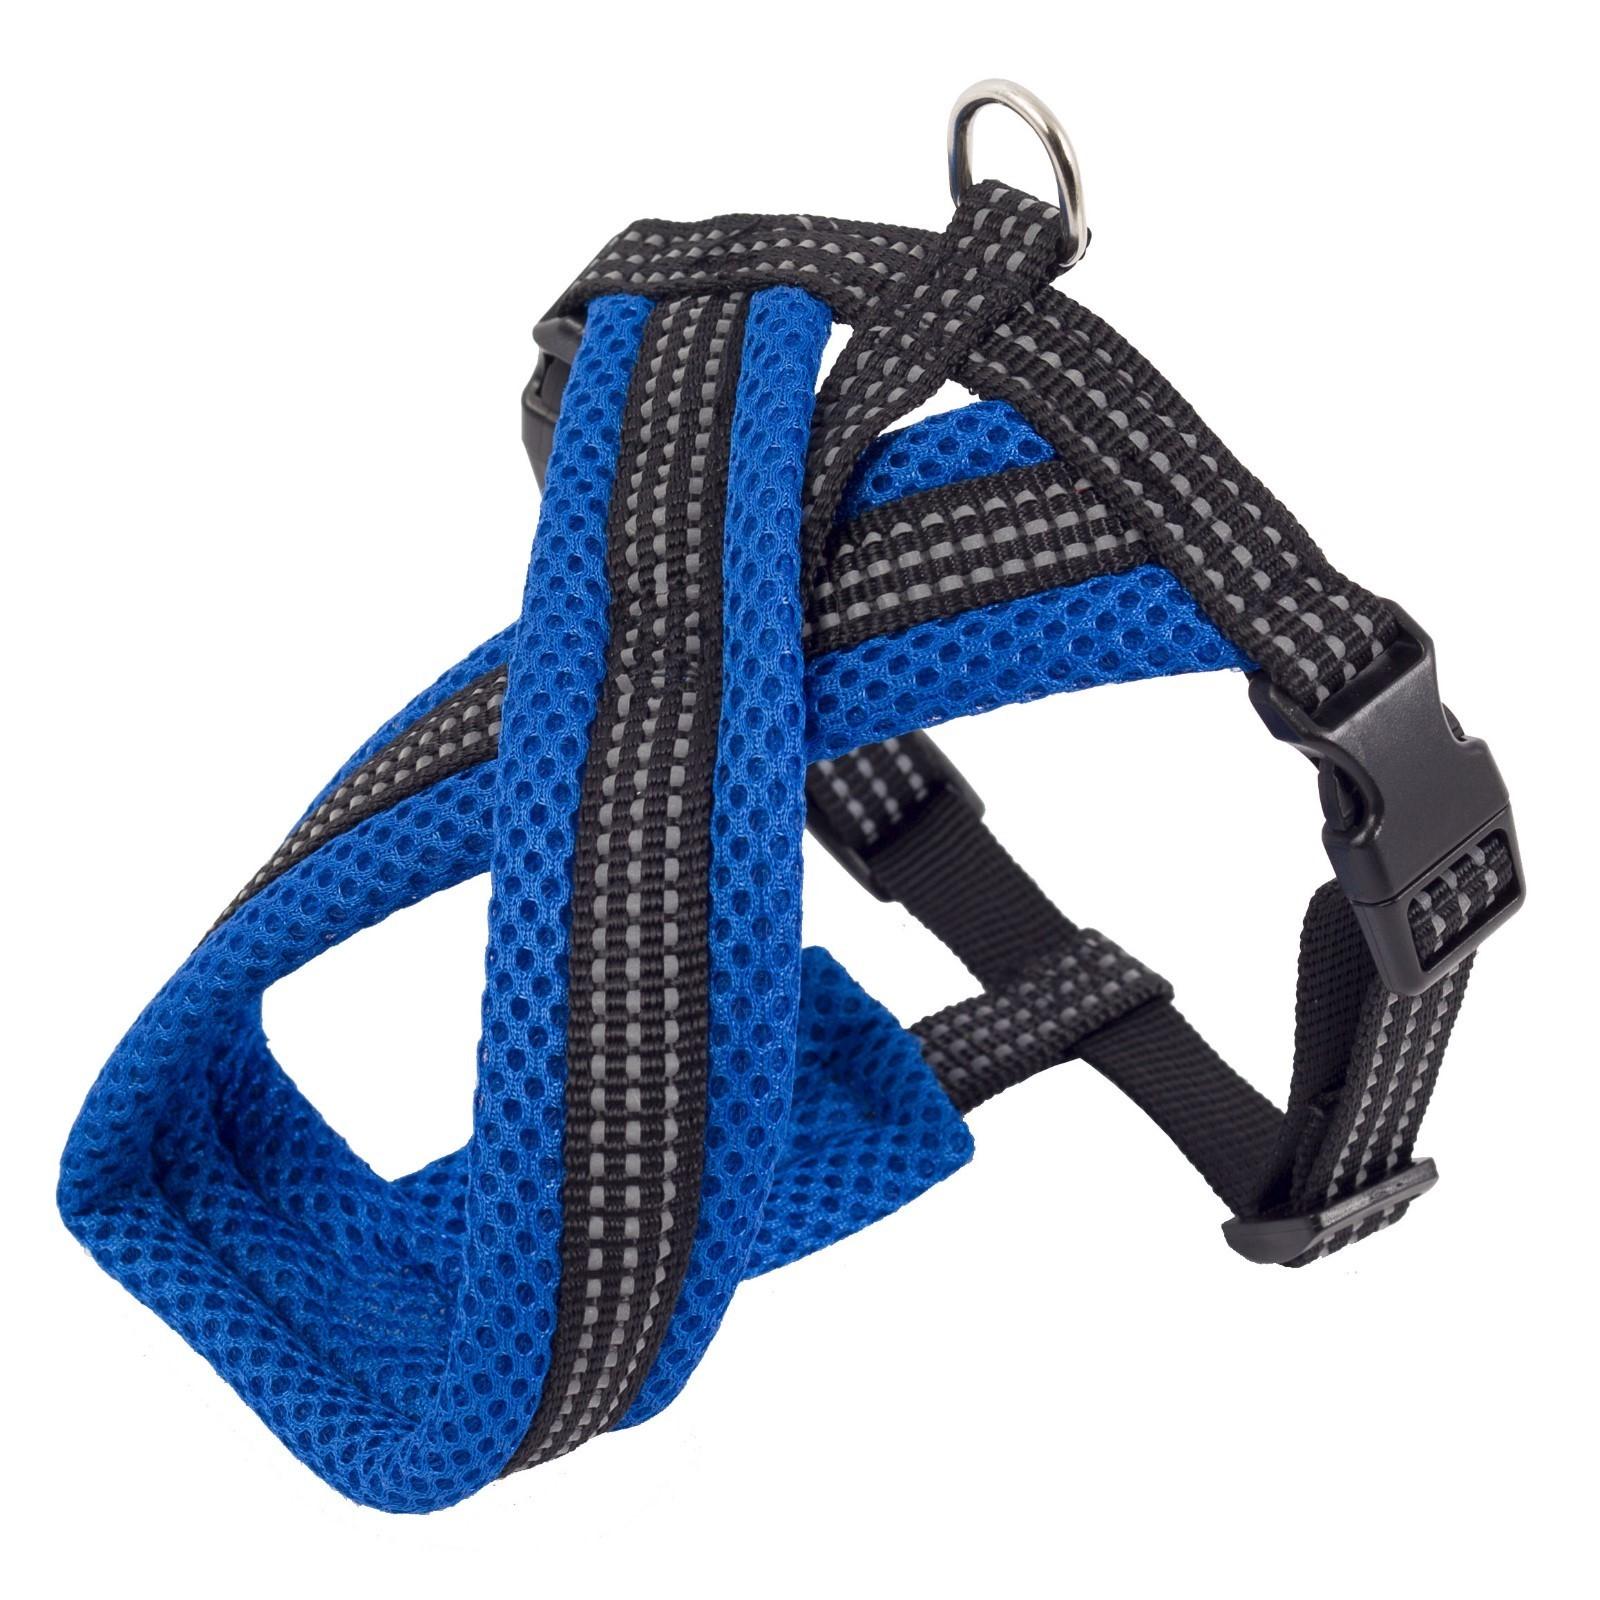 Каскад Шлейка Х-образная с мягкой подкладкой 20мм*40см*44-55см синяя нейлон